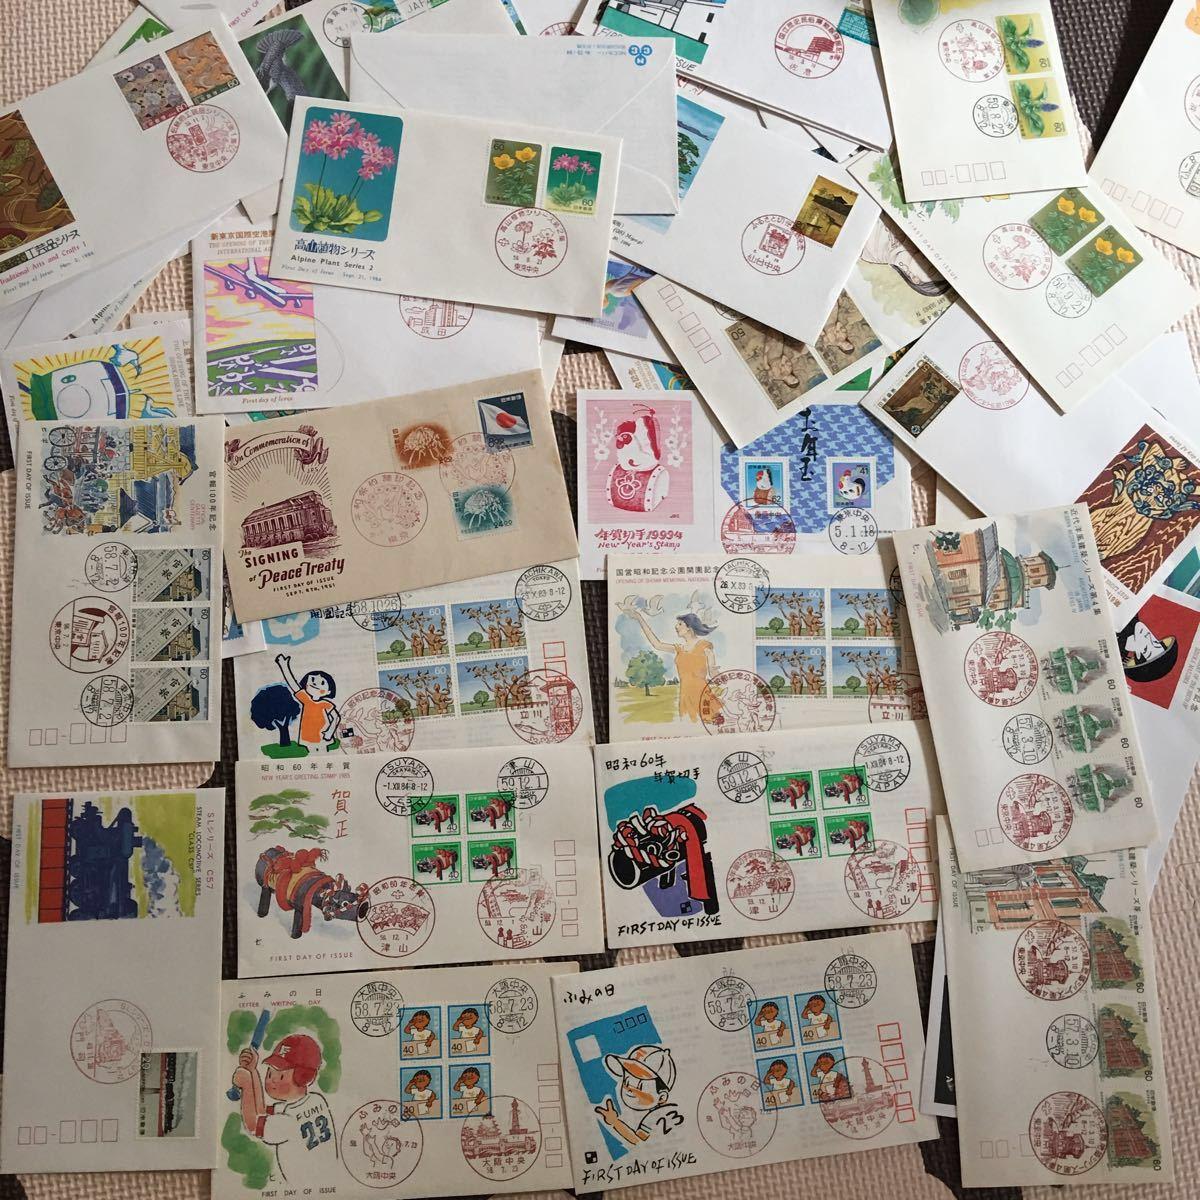 ◆大量◆◆→→→日本切手・FDC ・初日カバー・切手趣味週間・年賀・ふるさと・記念シリーズ・他・アルバム4冊約300枚まとめて◆◆_画像10